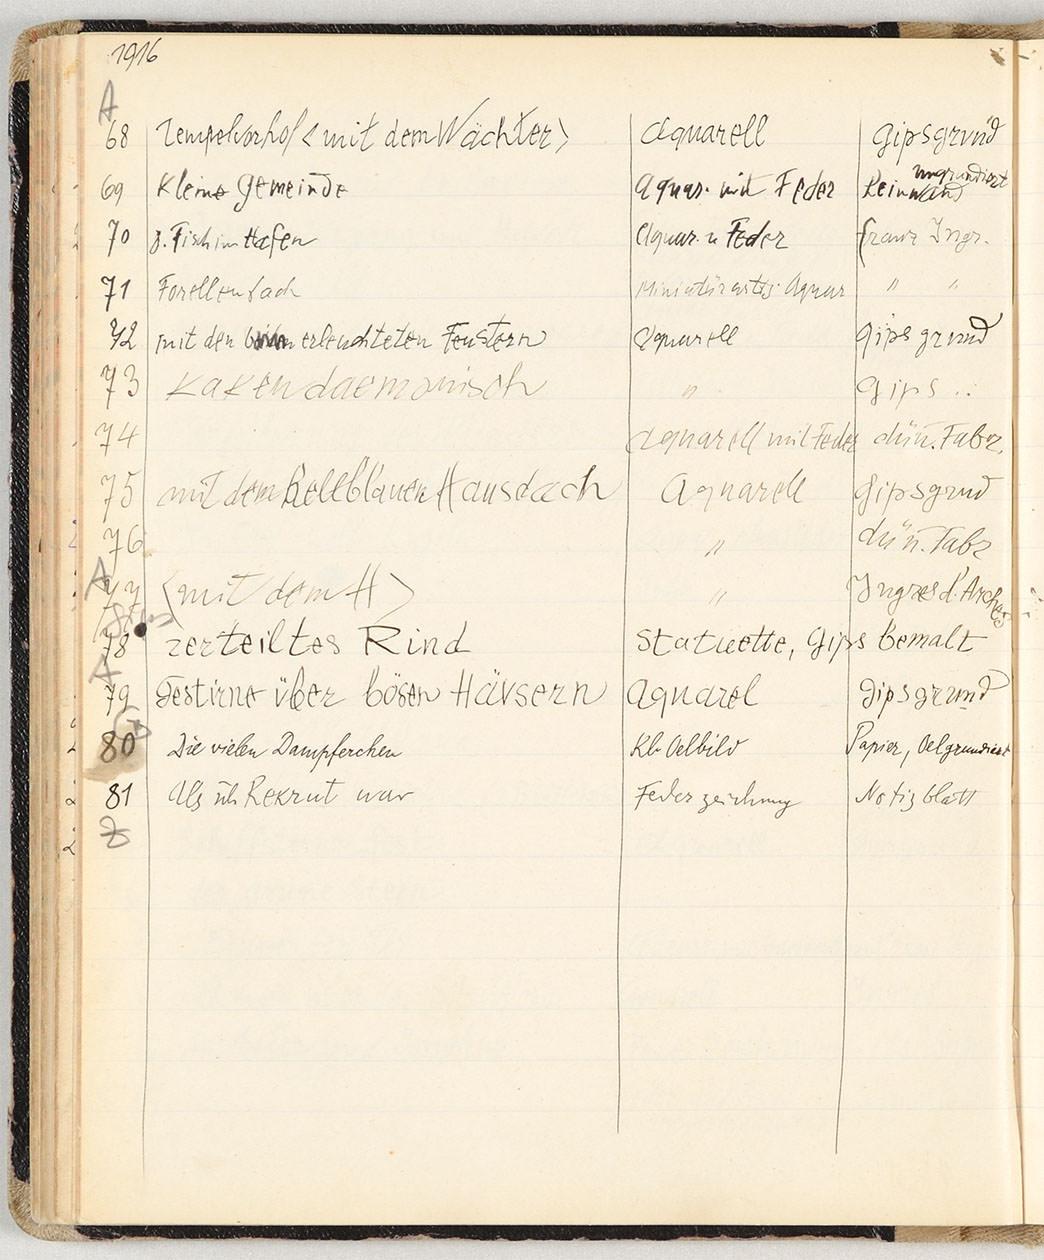 Abb.14 Paul Klee, Œuvre-Katalog 1883-1918 (Abschrift), 1916, 68-81 [S. 197], Zentrum Paul Klee, Bern ©Zentrum Paul Klee, Bern, Bildarchiv